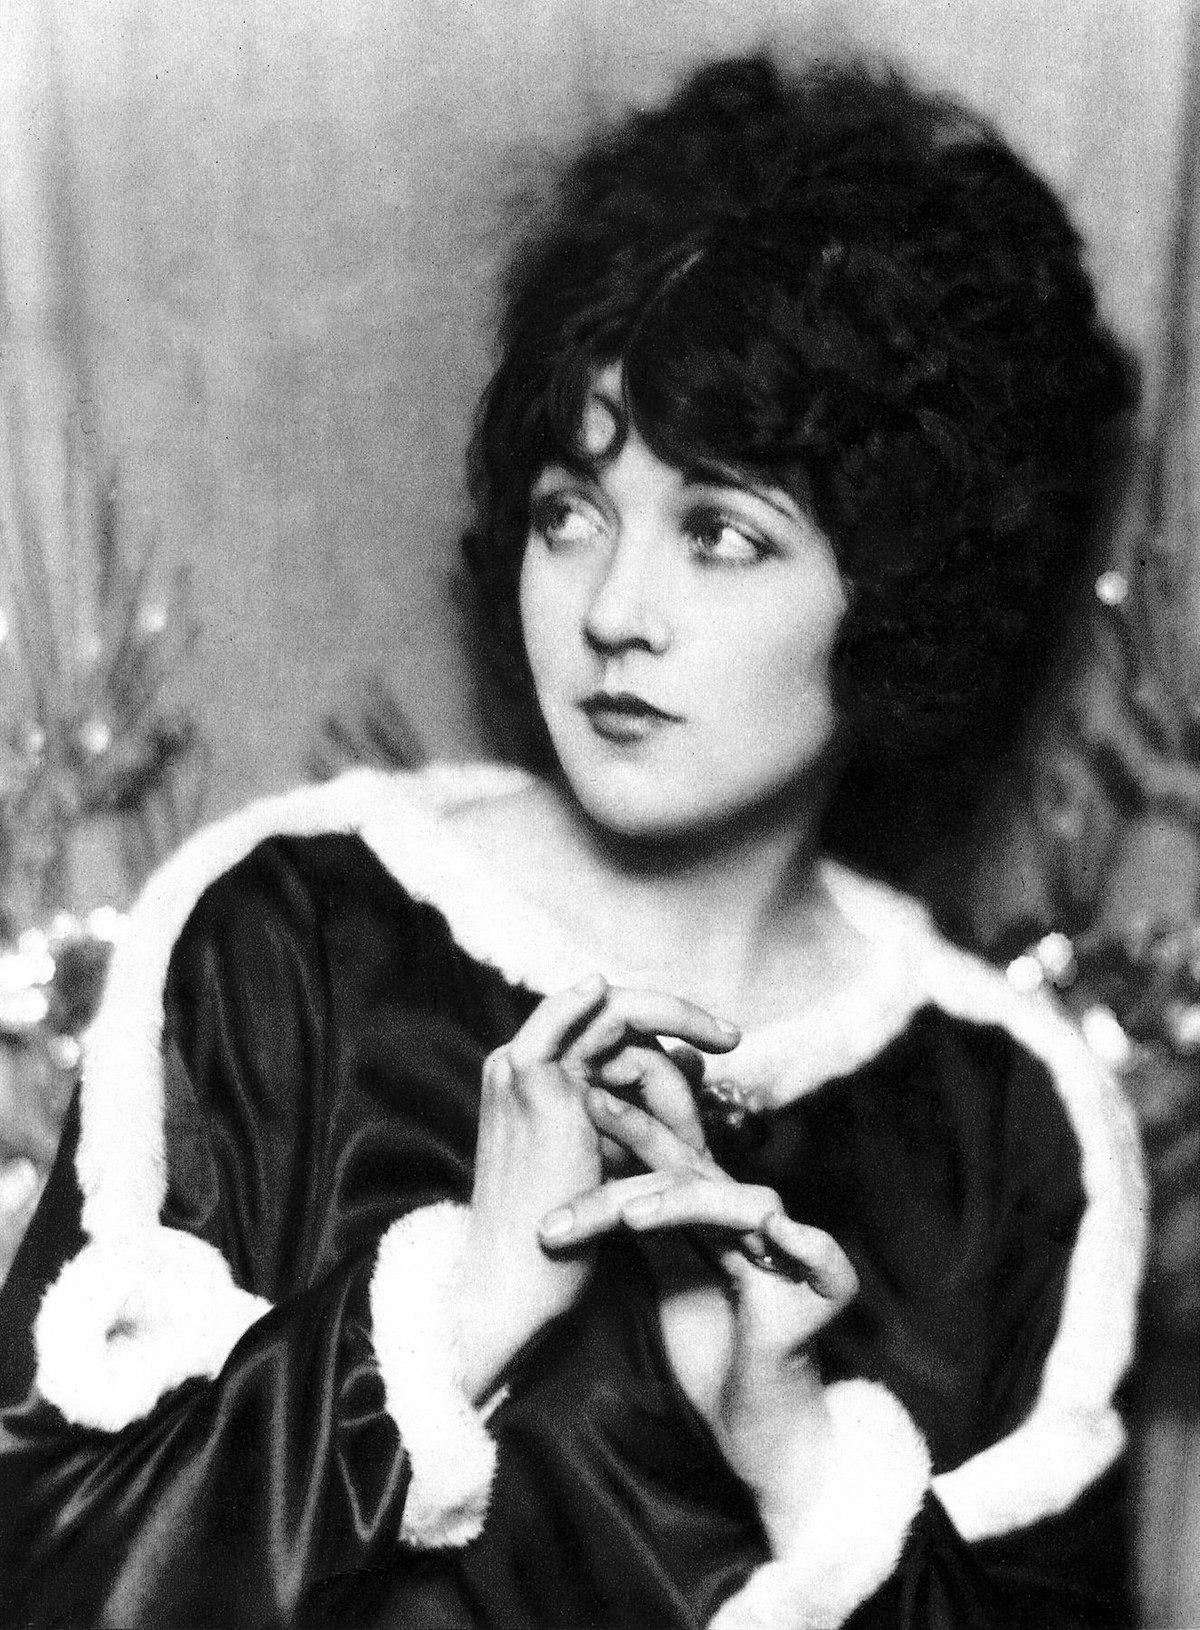 Virginia Dwyer